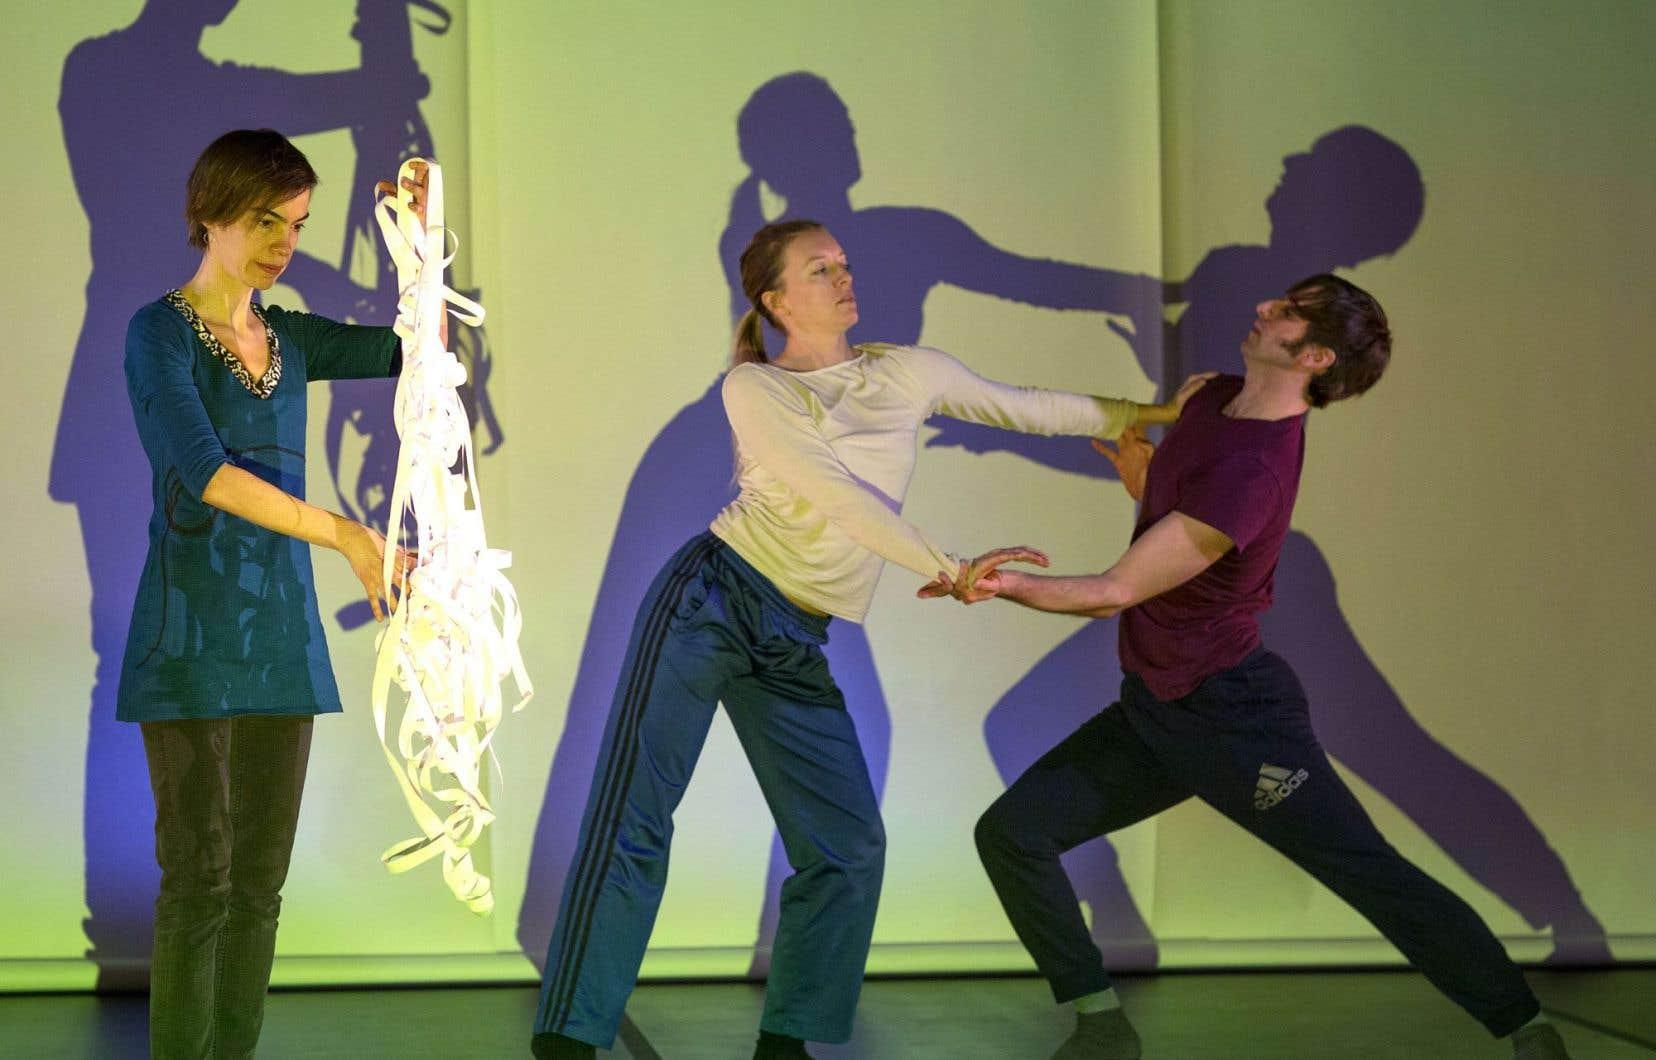 En répétition pour «Cocons somatiques», de gauche à droite, l'artiste visuelle Manon De Pauw, la danseuse Gabrielle Desgagnés et le chorégraphe Pierre-Marc Ouellette